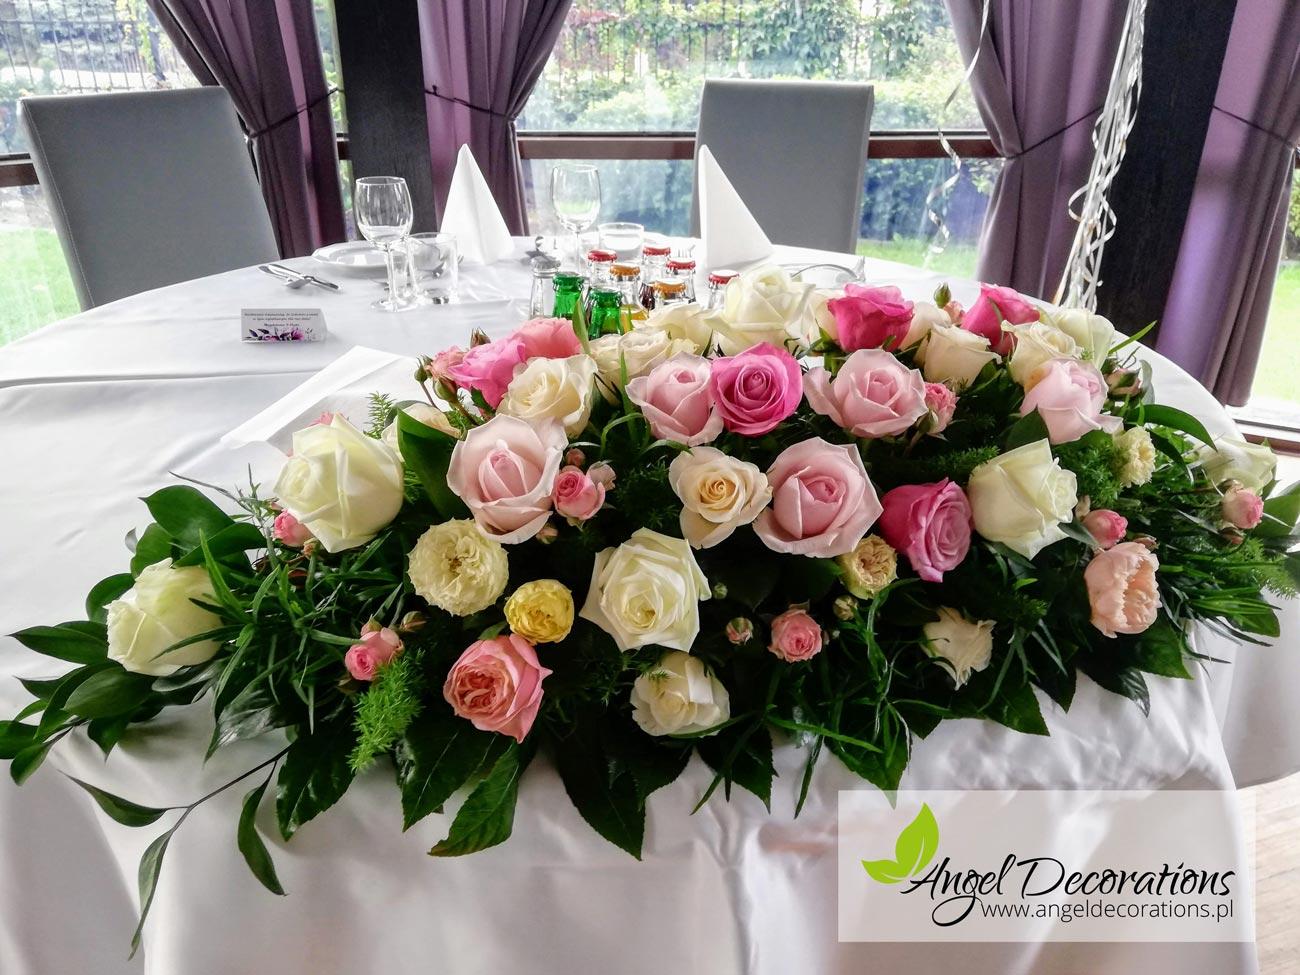 kwiaty-stol-dekoracja-angeldecorations-wypozyczalnia